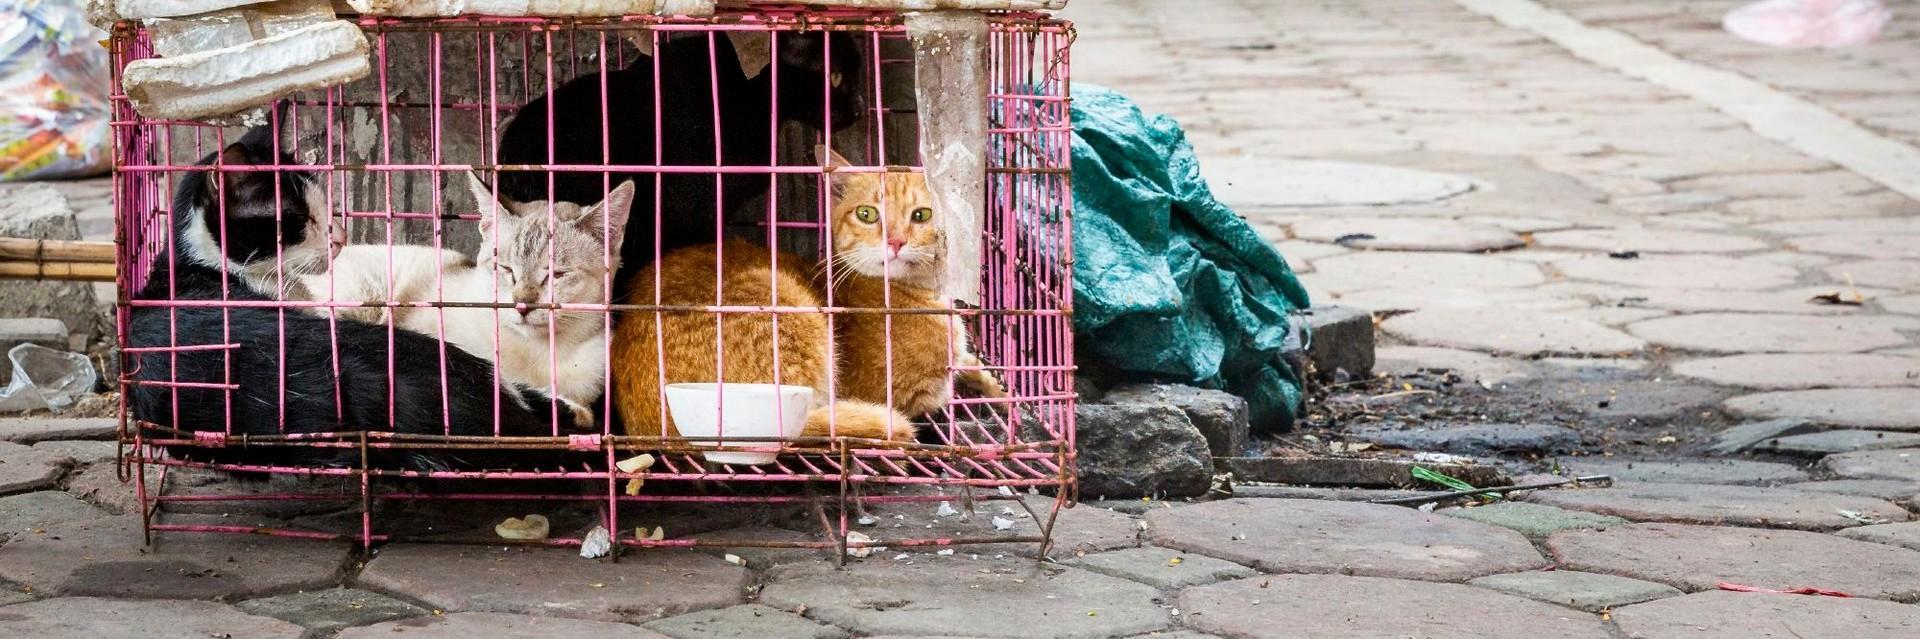 Cats in Vietnam